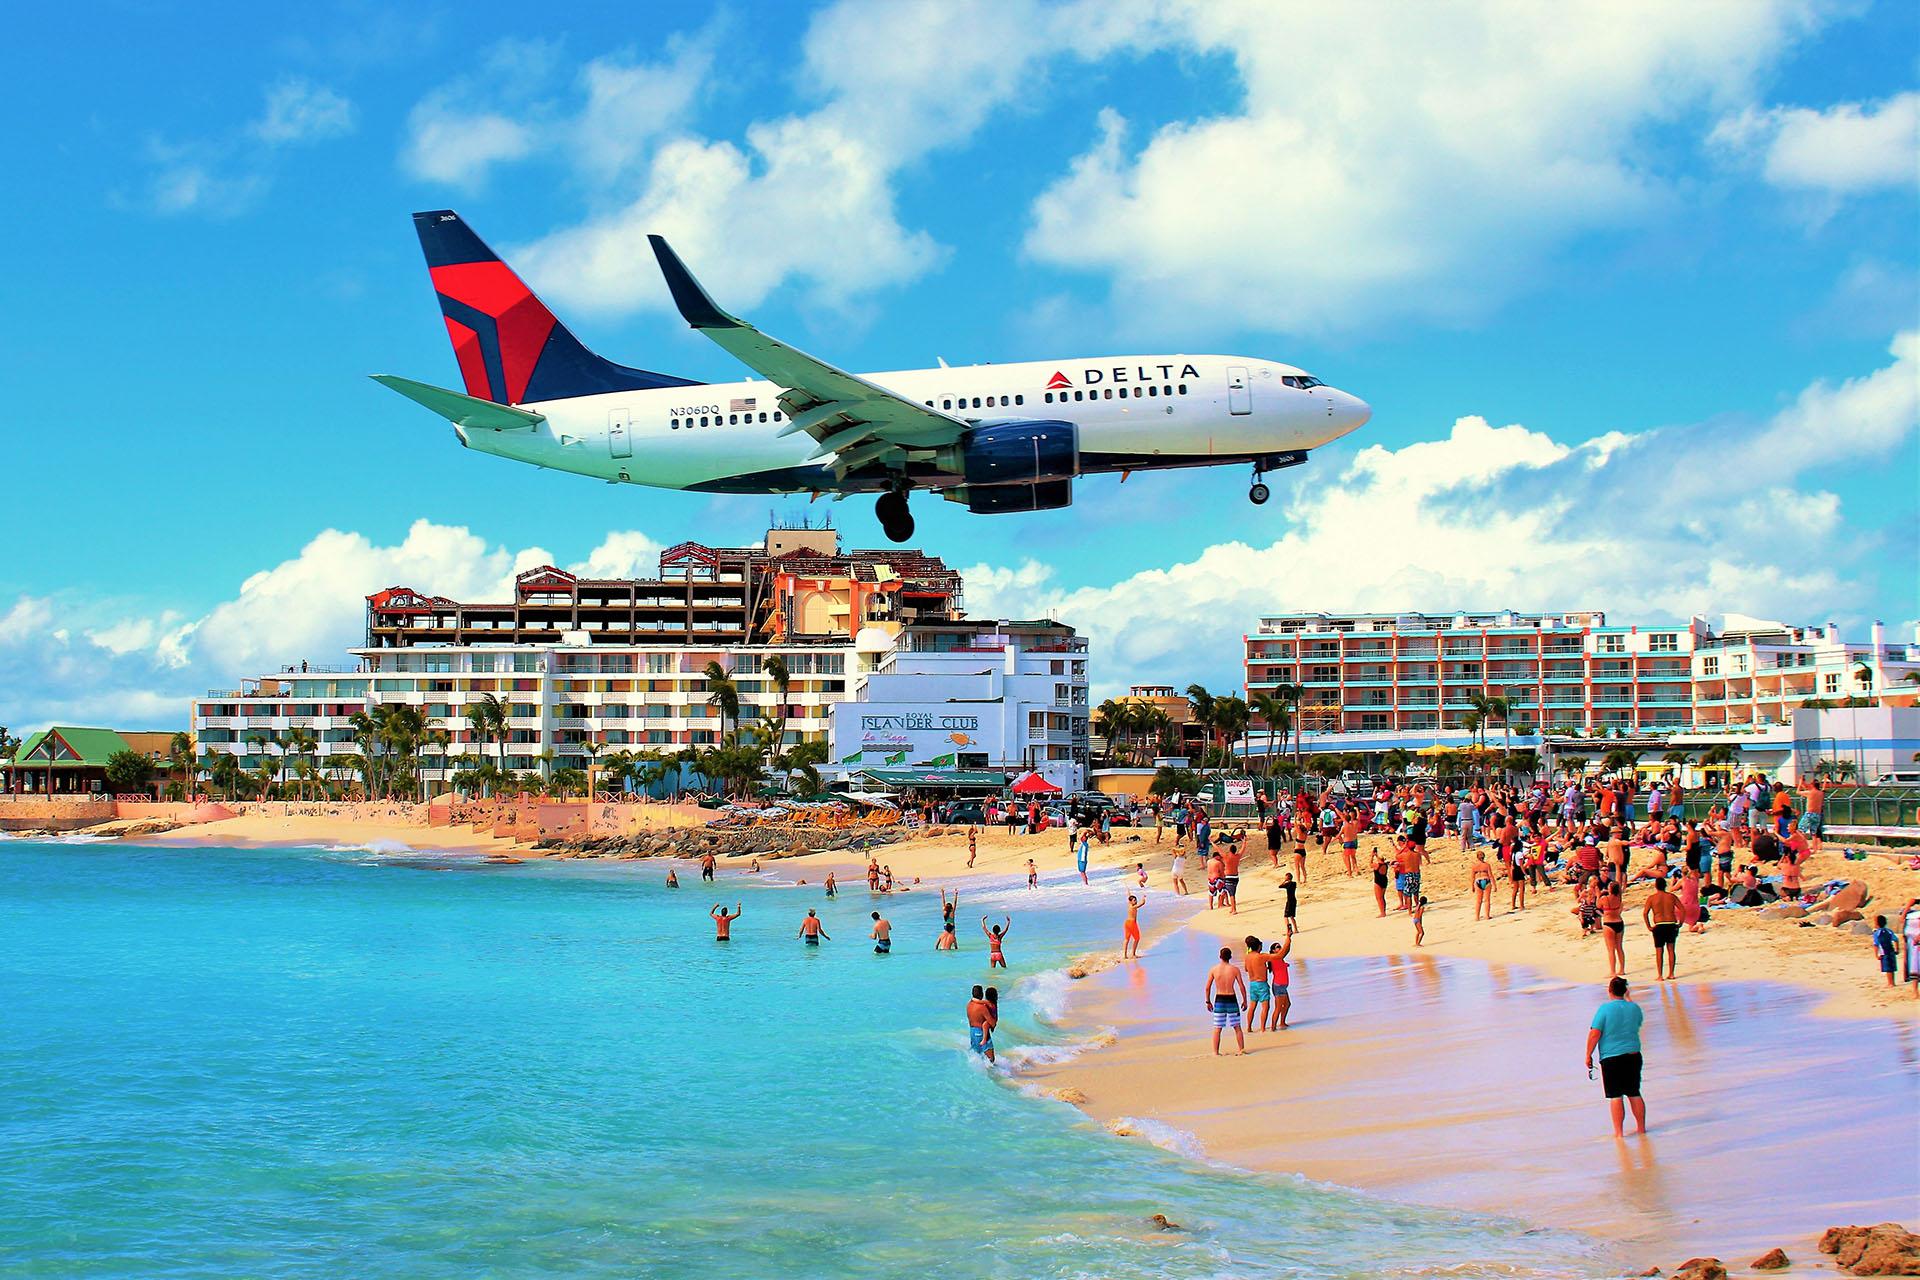 El Aeropuerto Internacional Princesa Juliana en la isla caribeña de San Martín es famoso por su proximidad a la playa, lo que ha permitido muchas fotos increíbles de aterrizaje de aviones